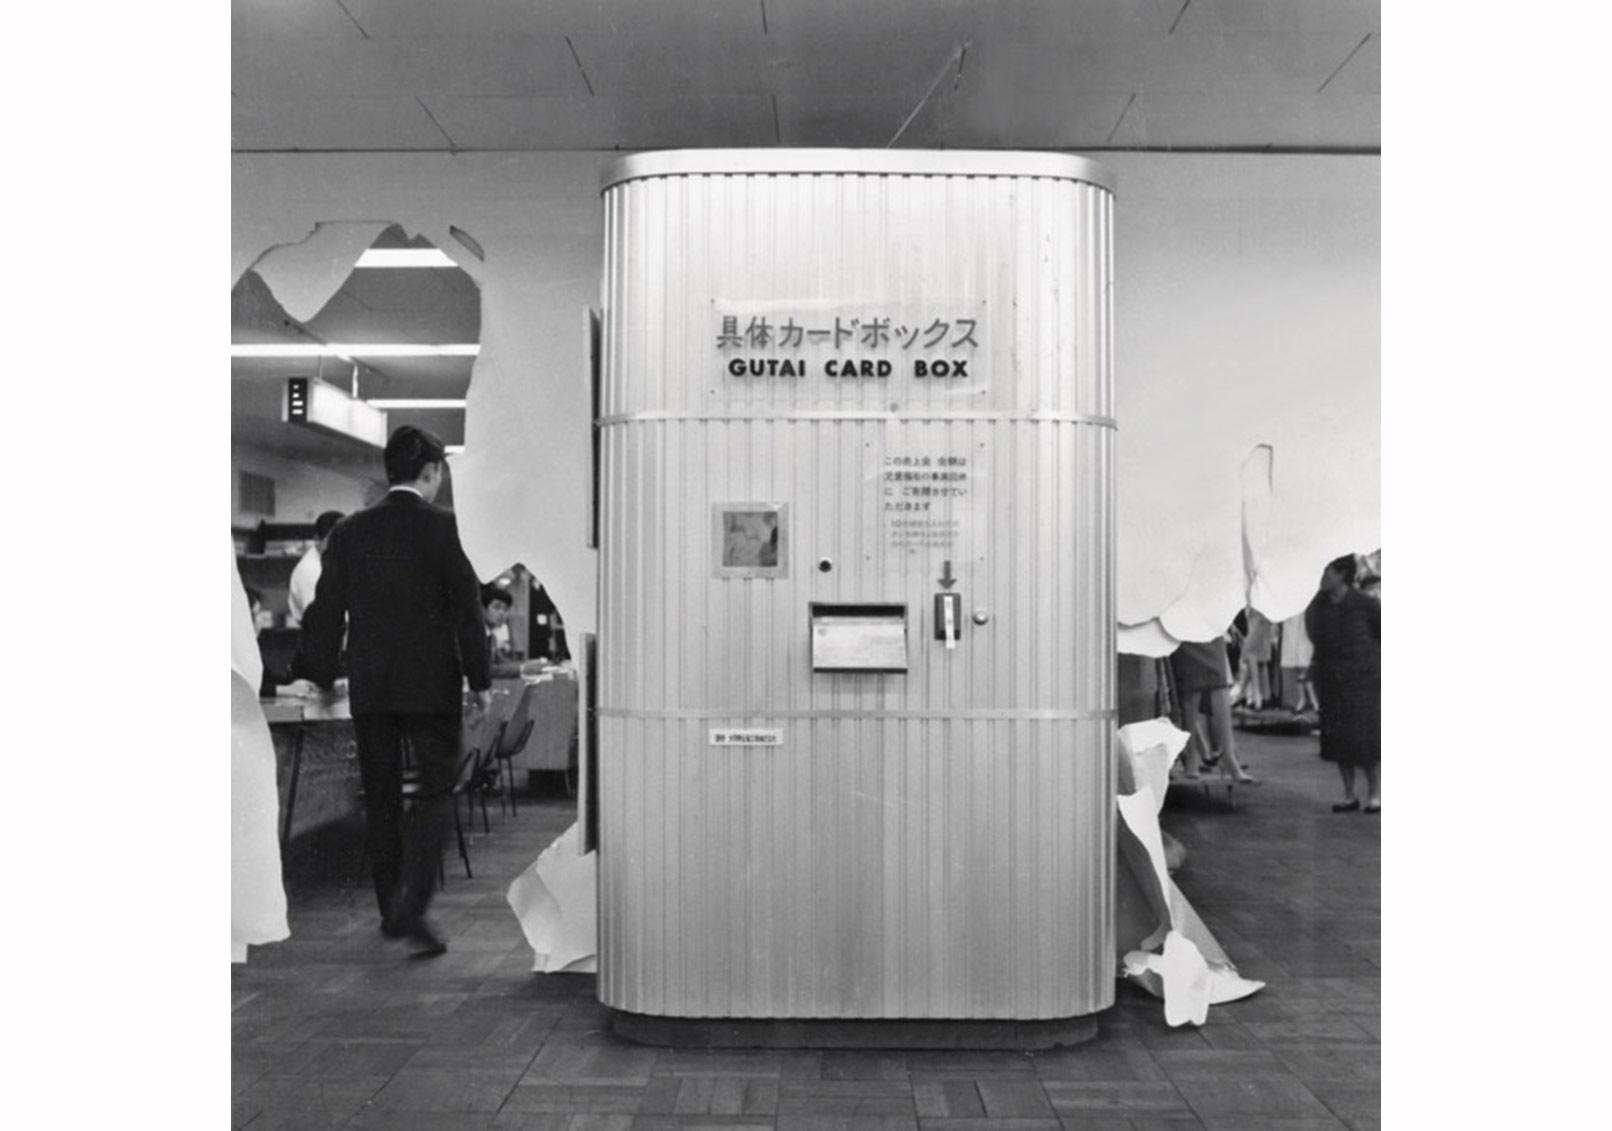 Gutai Sanat Topluluğu, Gutai Kart Kutusu, 1962